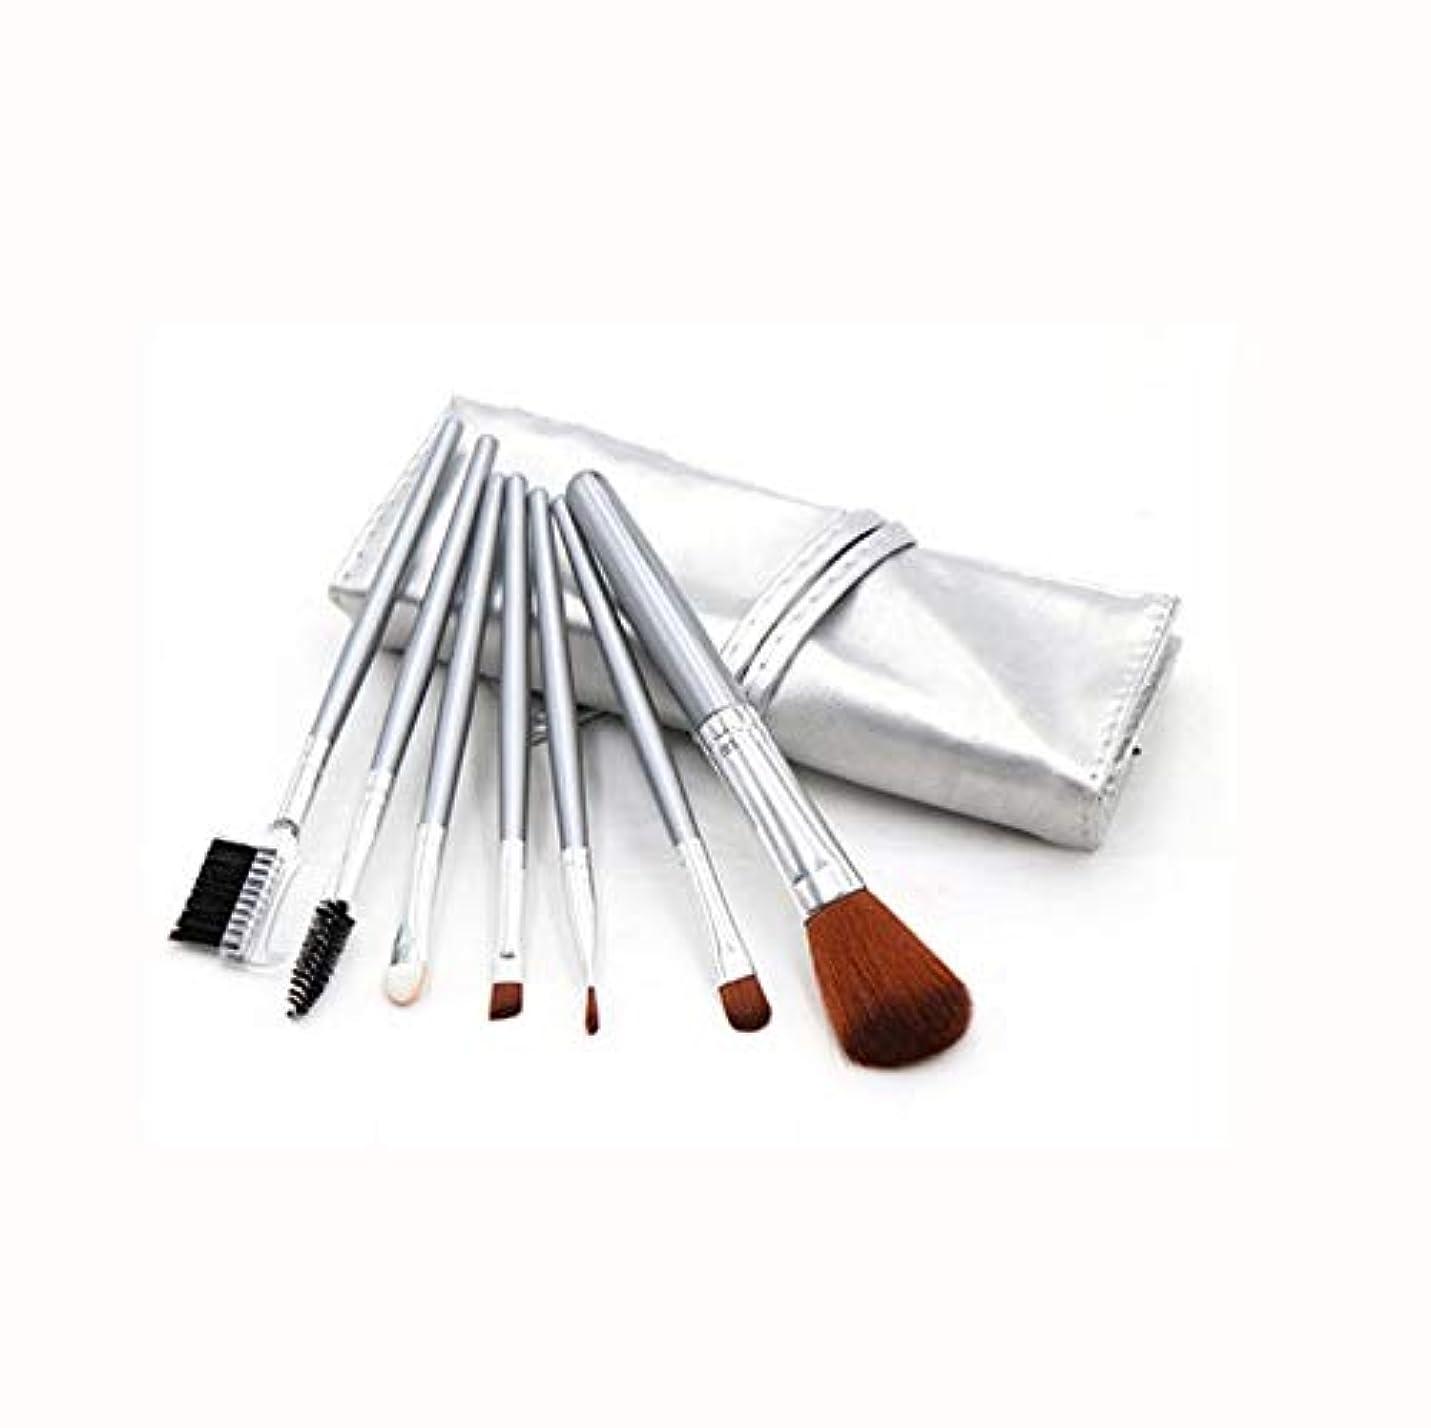 誇張承認する固執化粧ブラシセット、シルバー7化粧ブラシ化粧ブラシセットアイシャドウブラシリップブラシ美容化粧道具